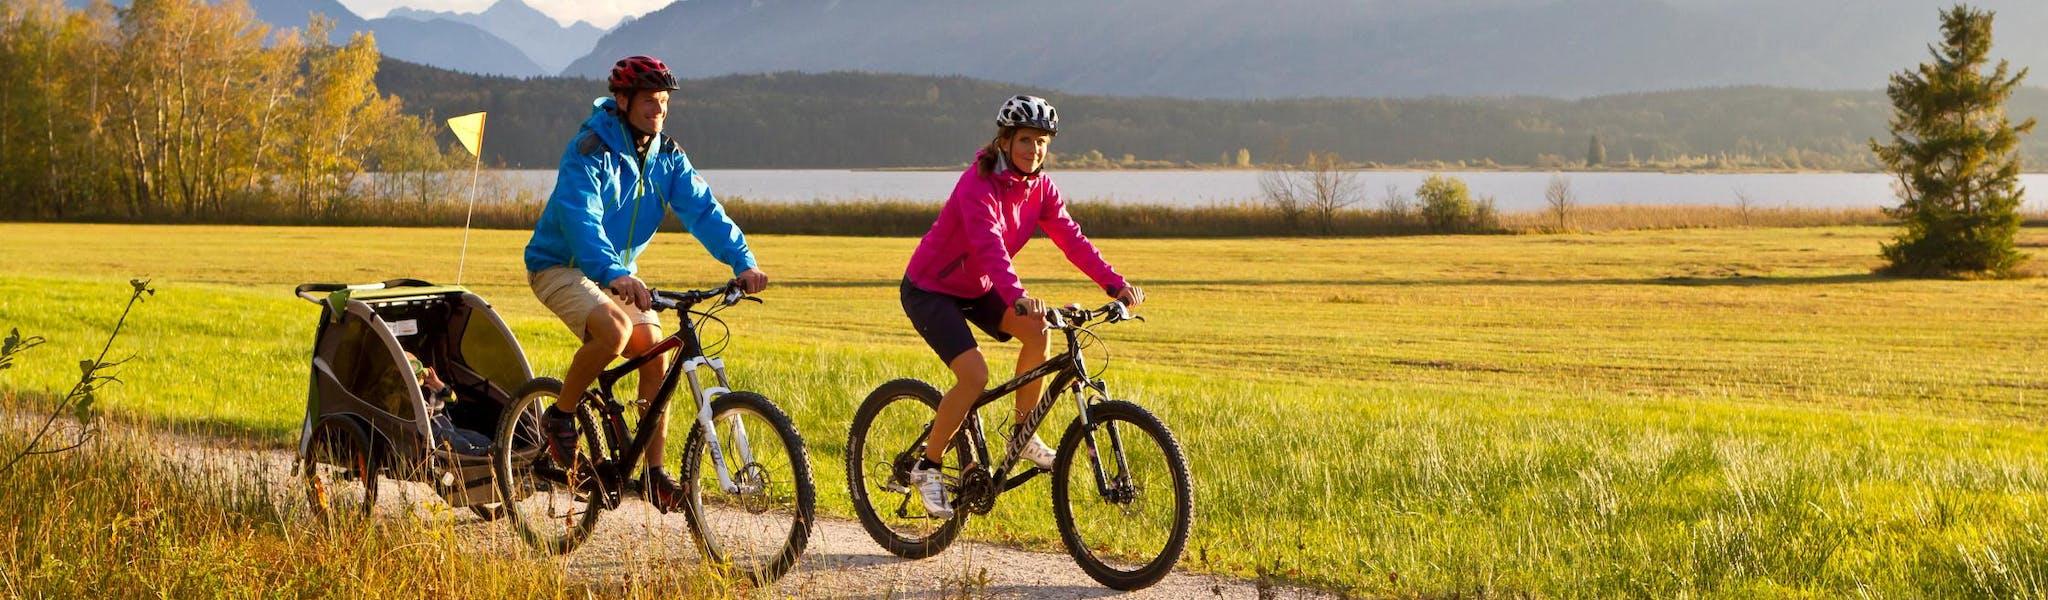 8-daagse fietsvakantie München - Bodensee